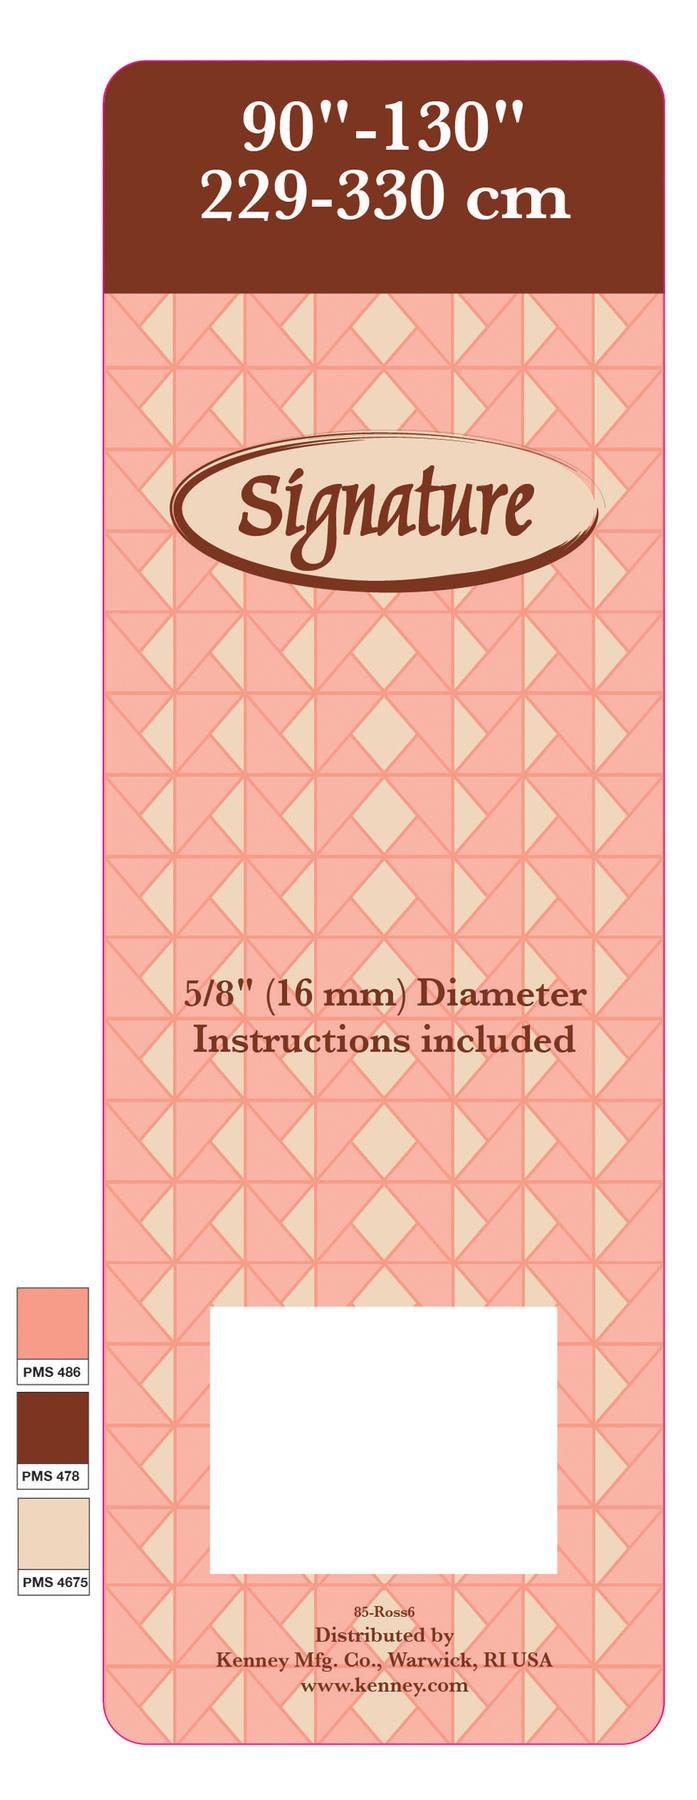 3b6f4073f3 Packaging proposals jpg 697x1800 Pms 478